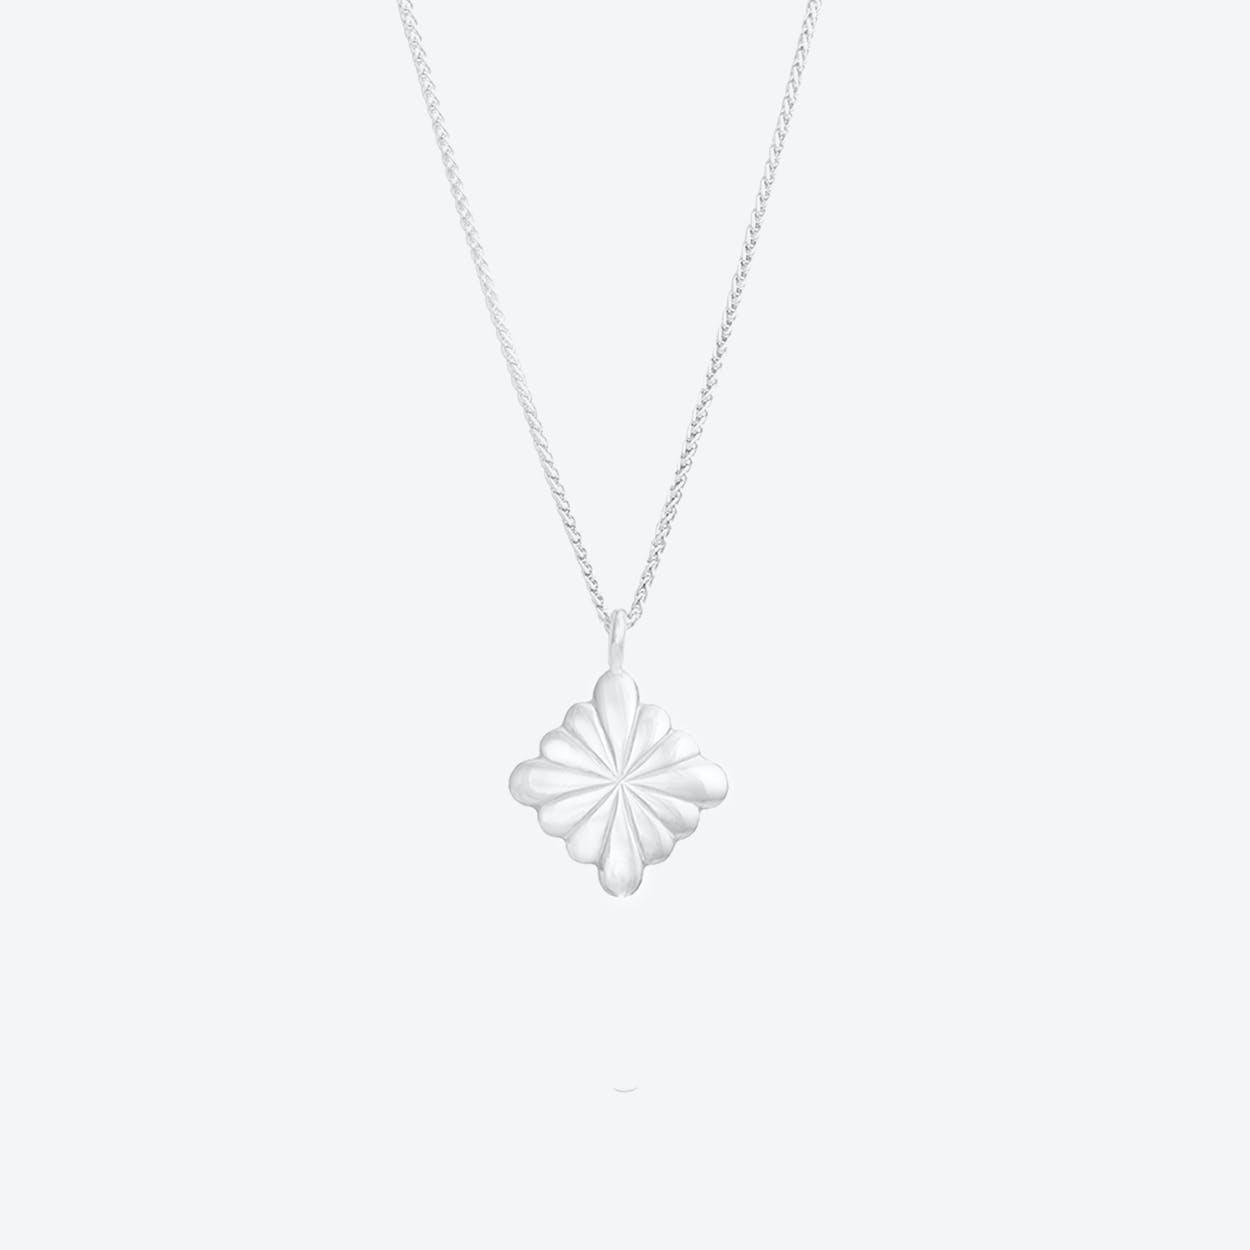 Simple Flower Pendant Necklace